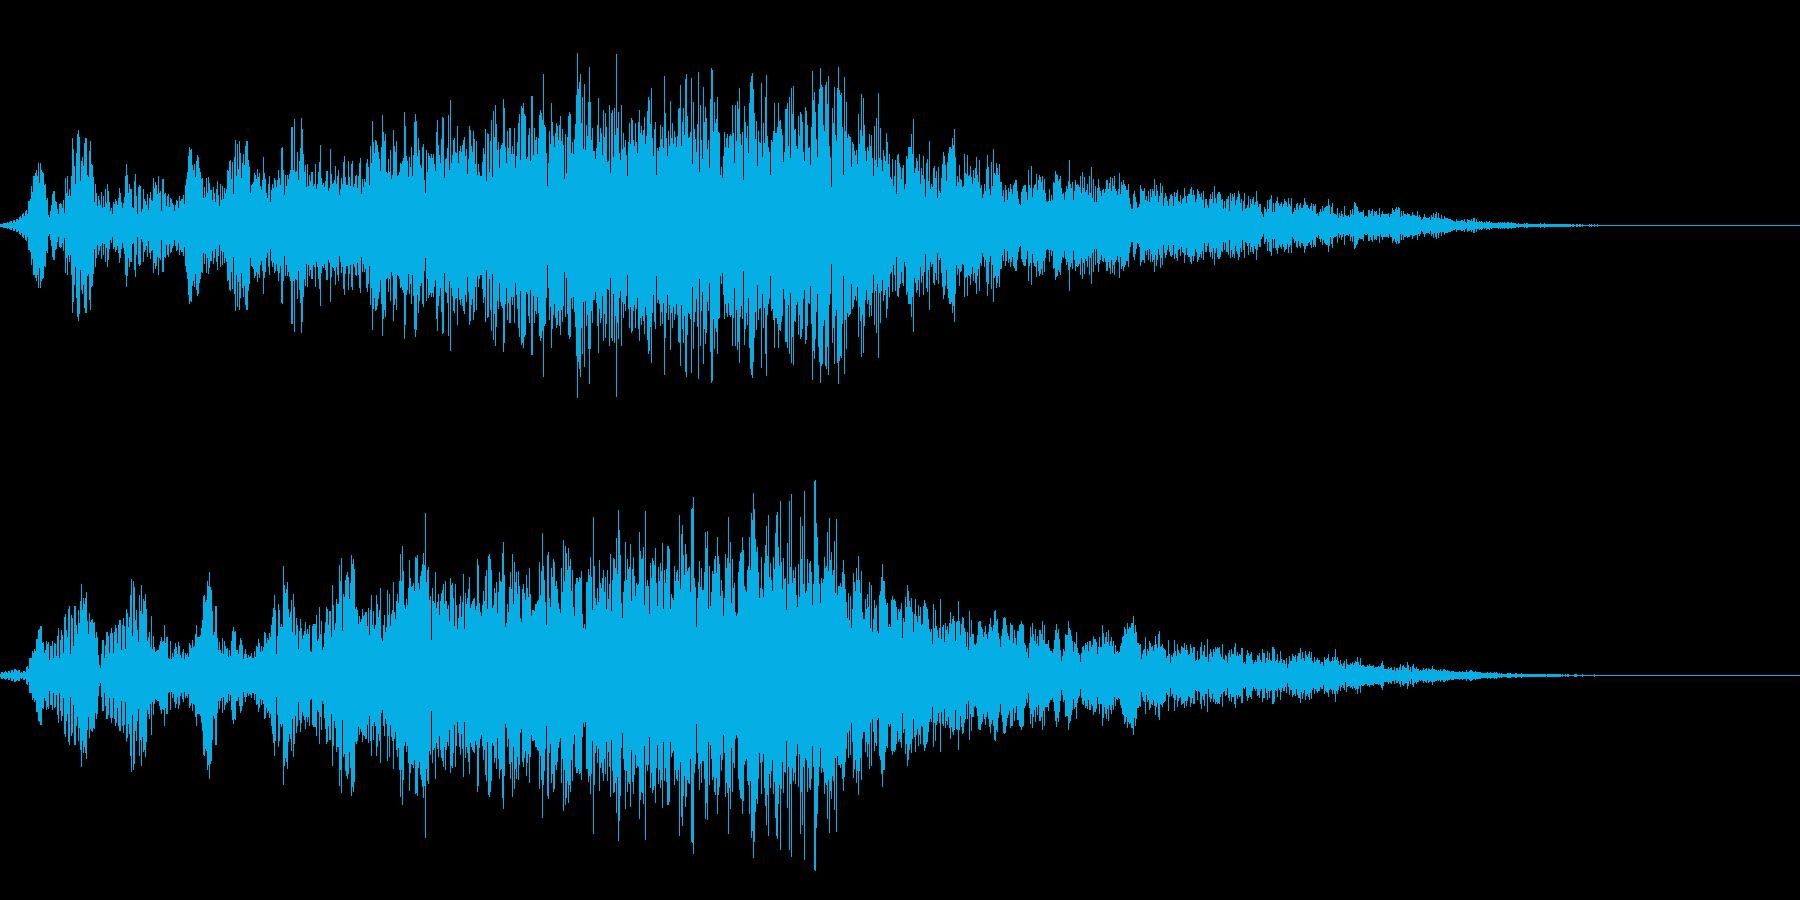 占う4 水晶 ホワ〜ン ホラー 診断結果の再生済みの波形